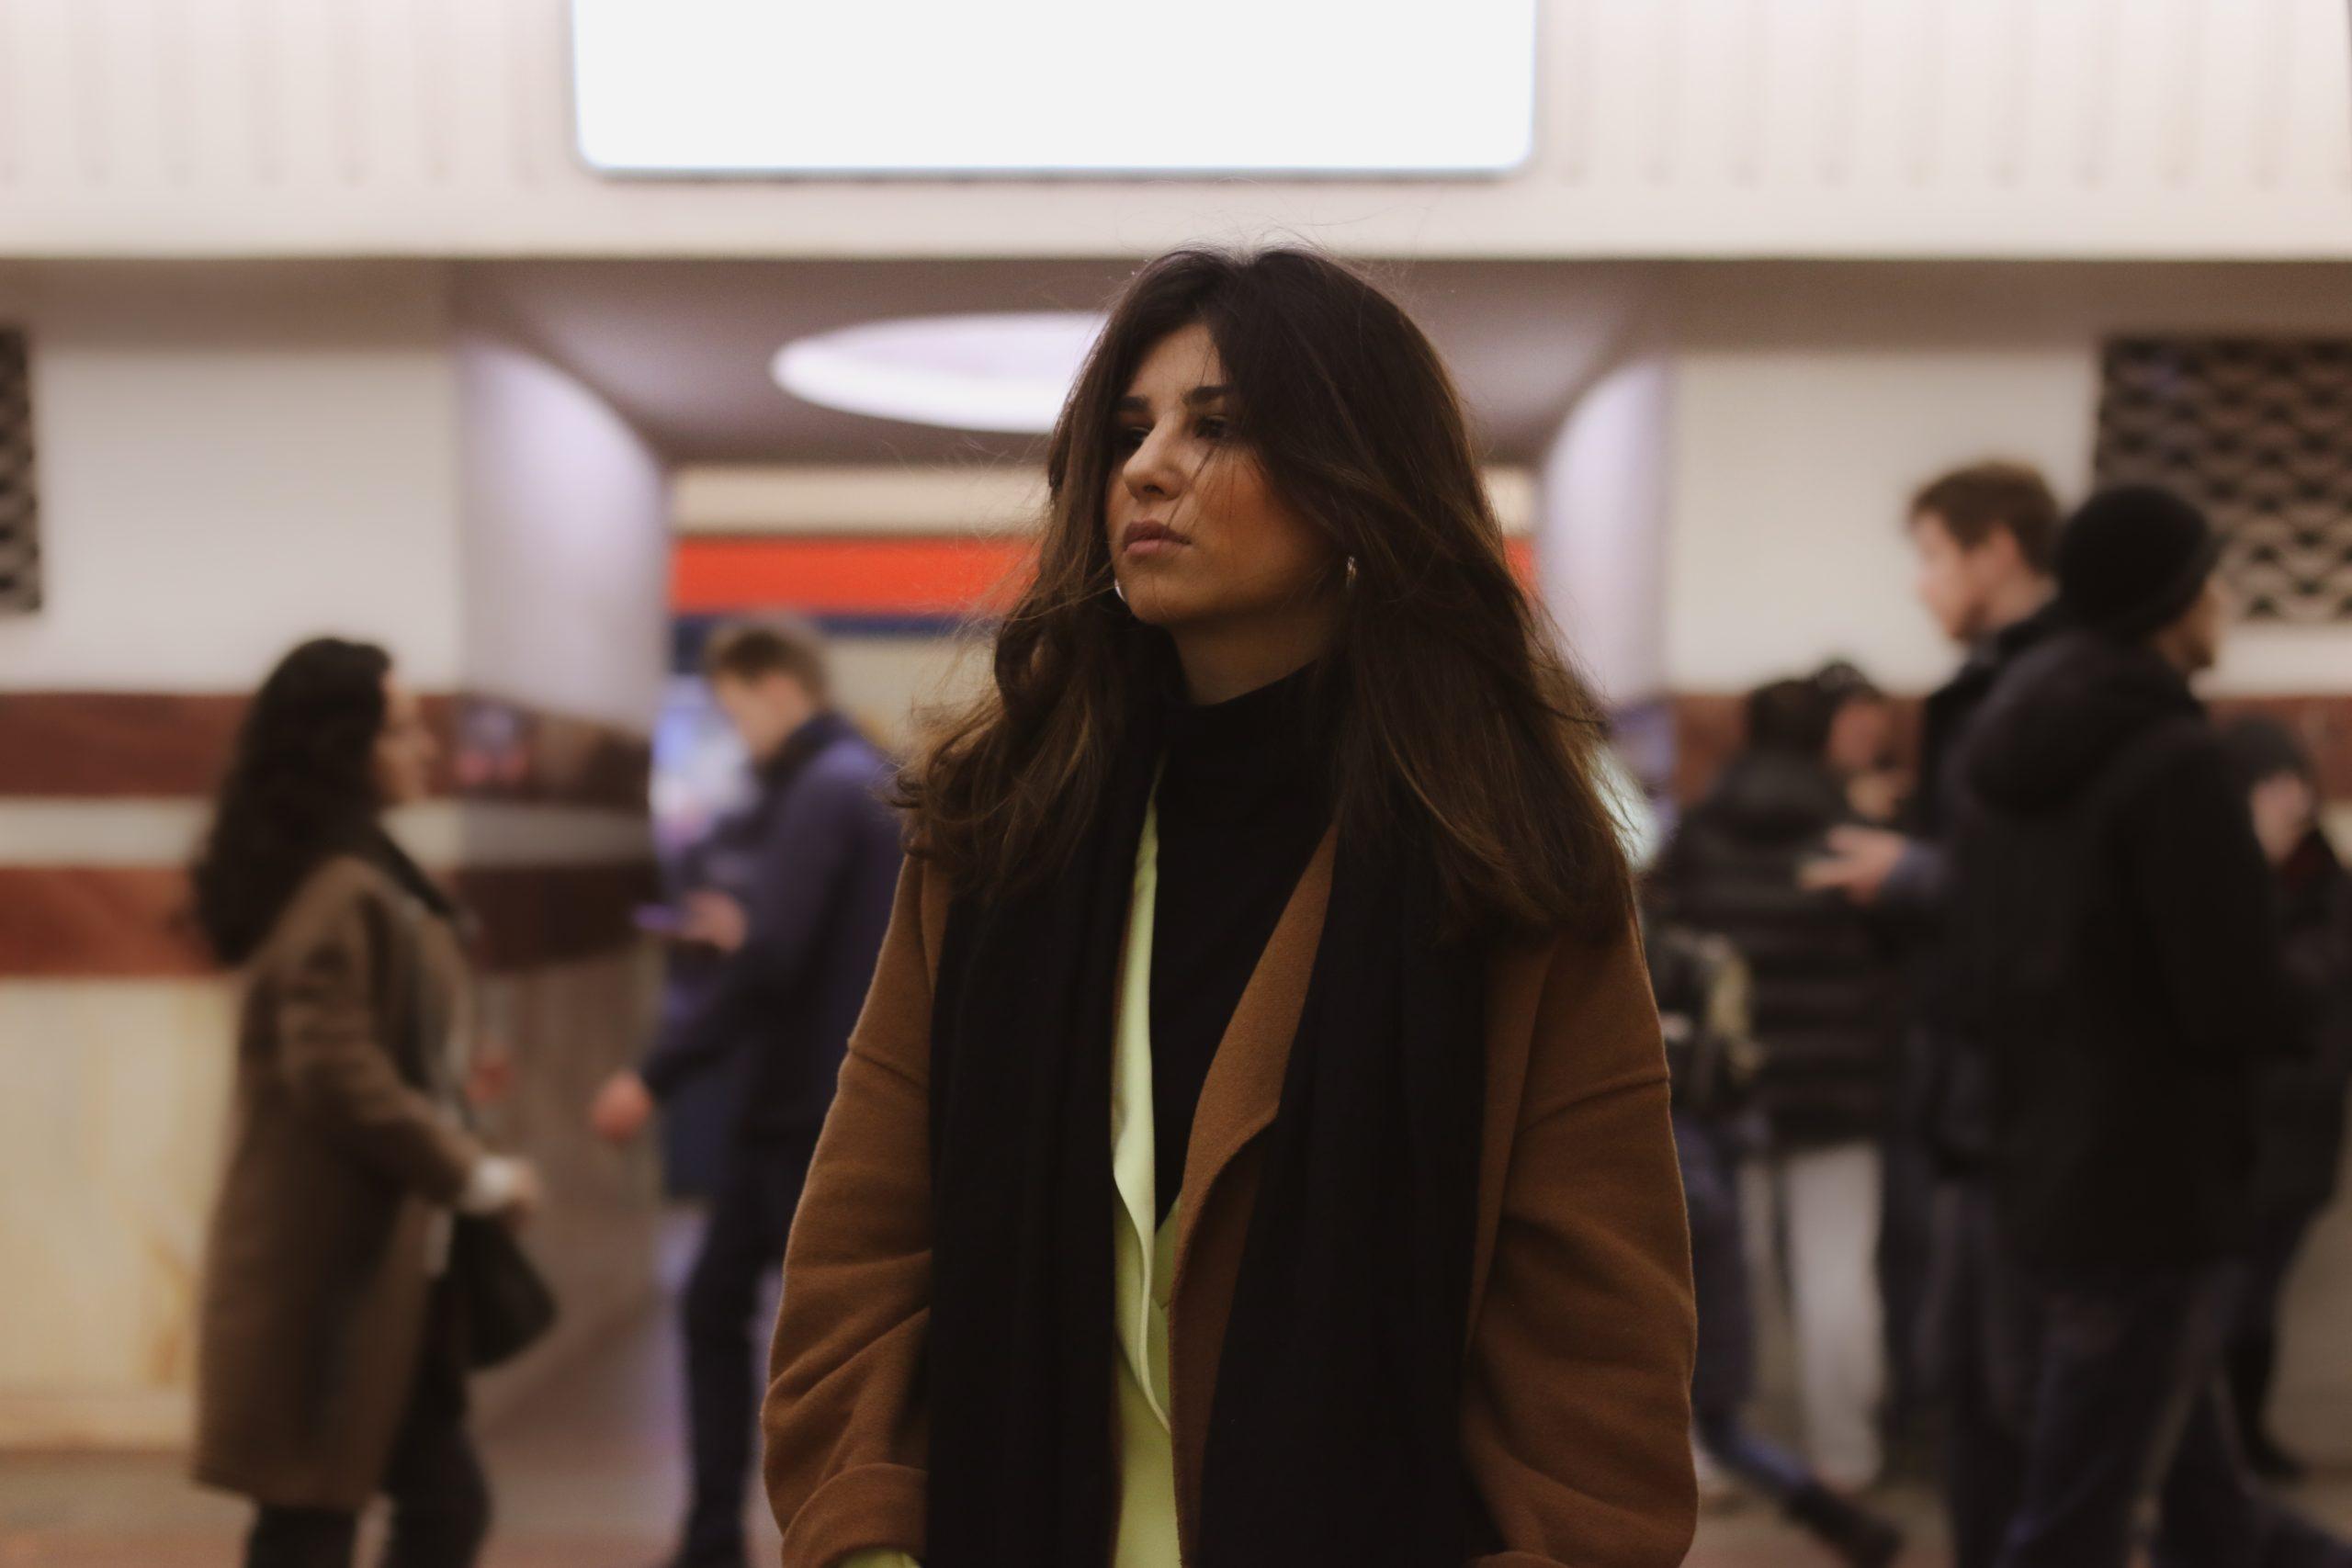 В эфире «Студвесны ONLINE» исполнительница минималистичного инди Аделина Моисеева